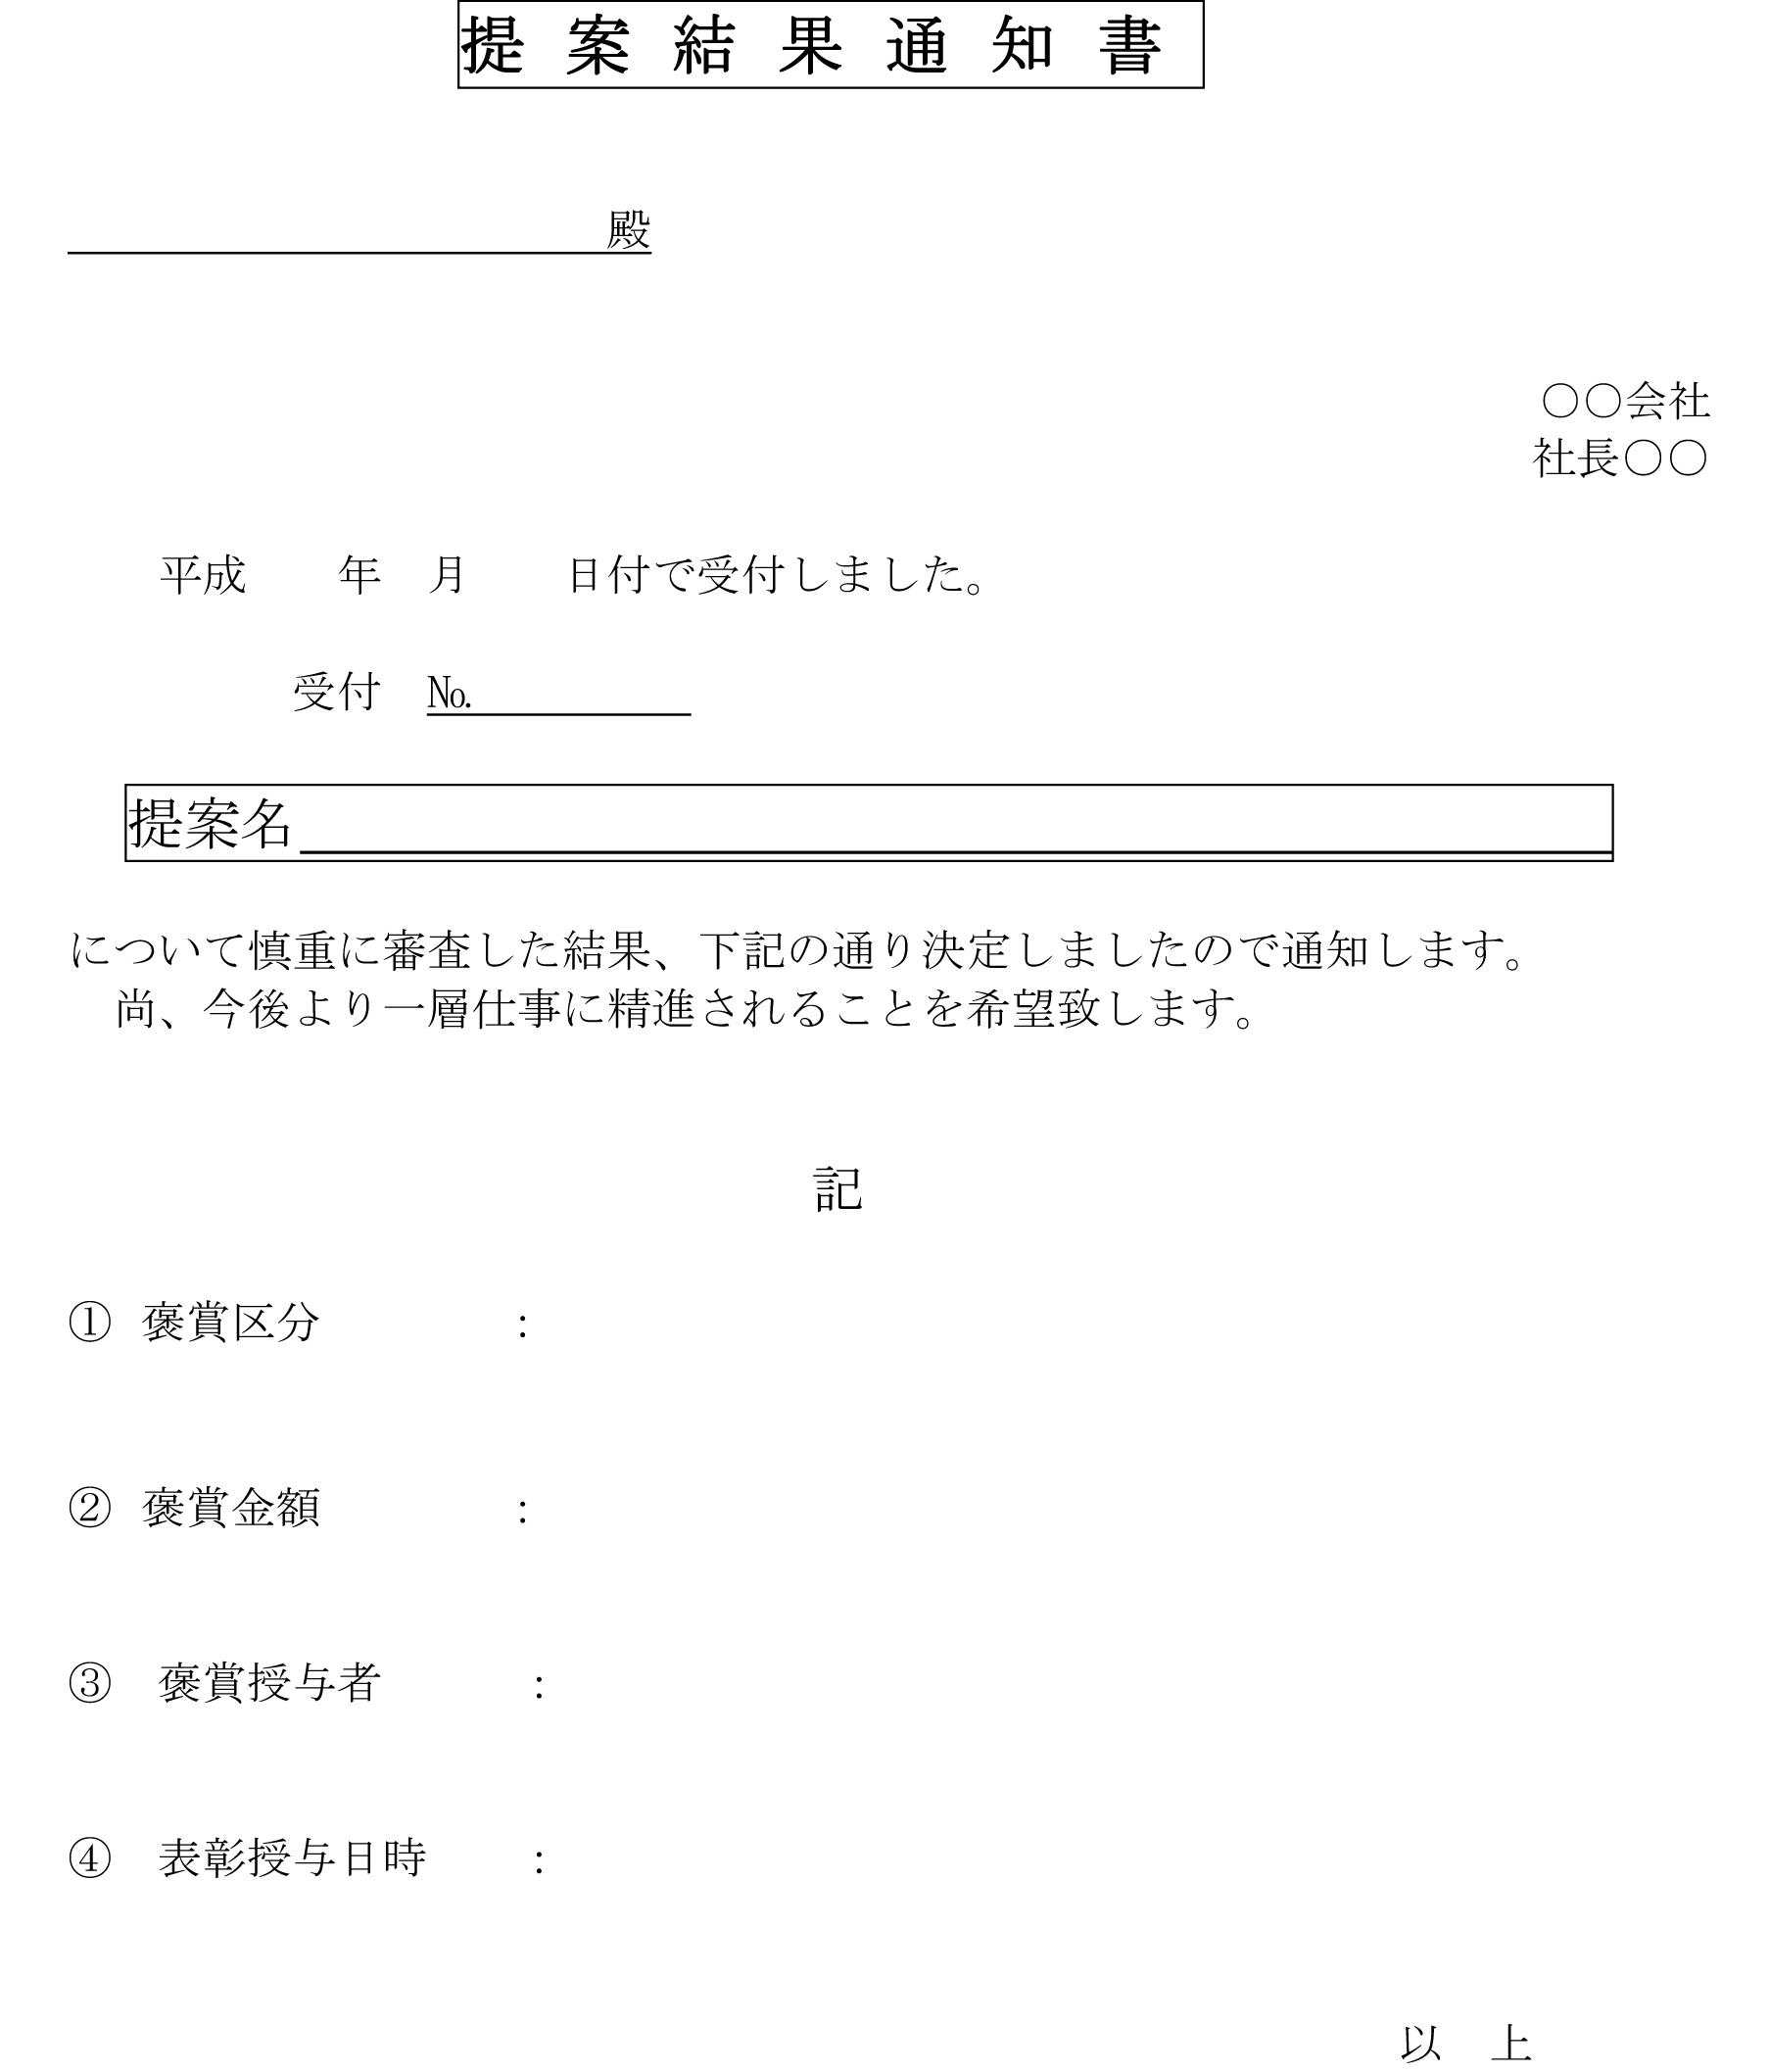 提案結果通知書